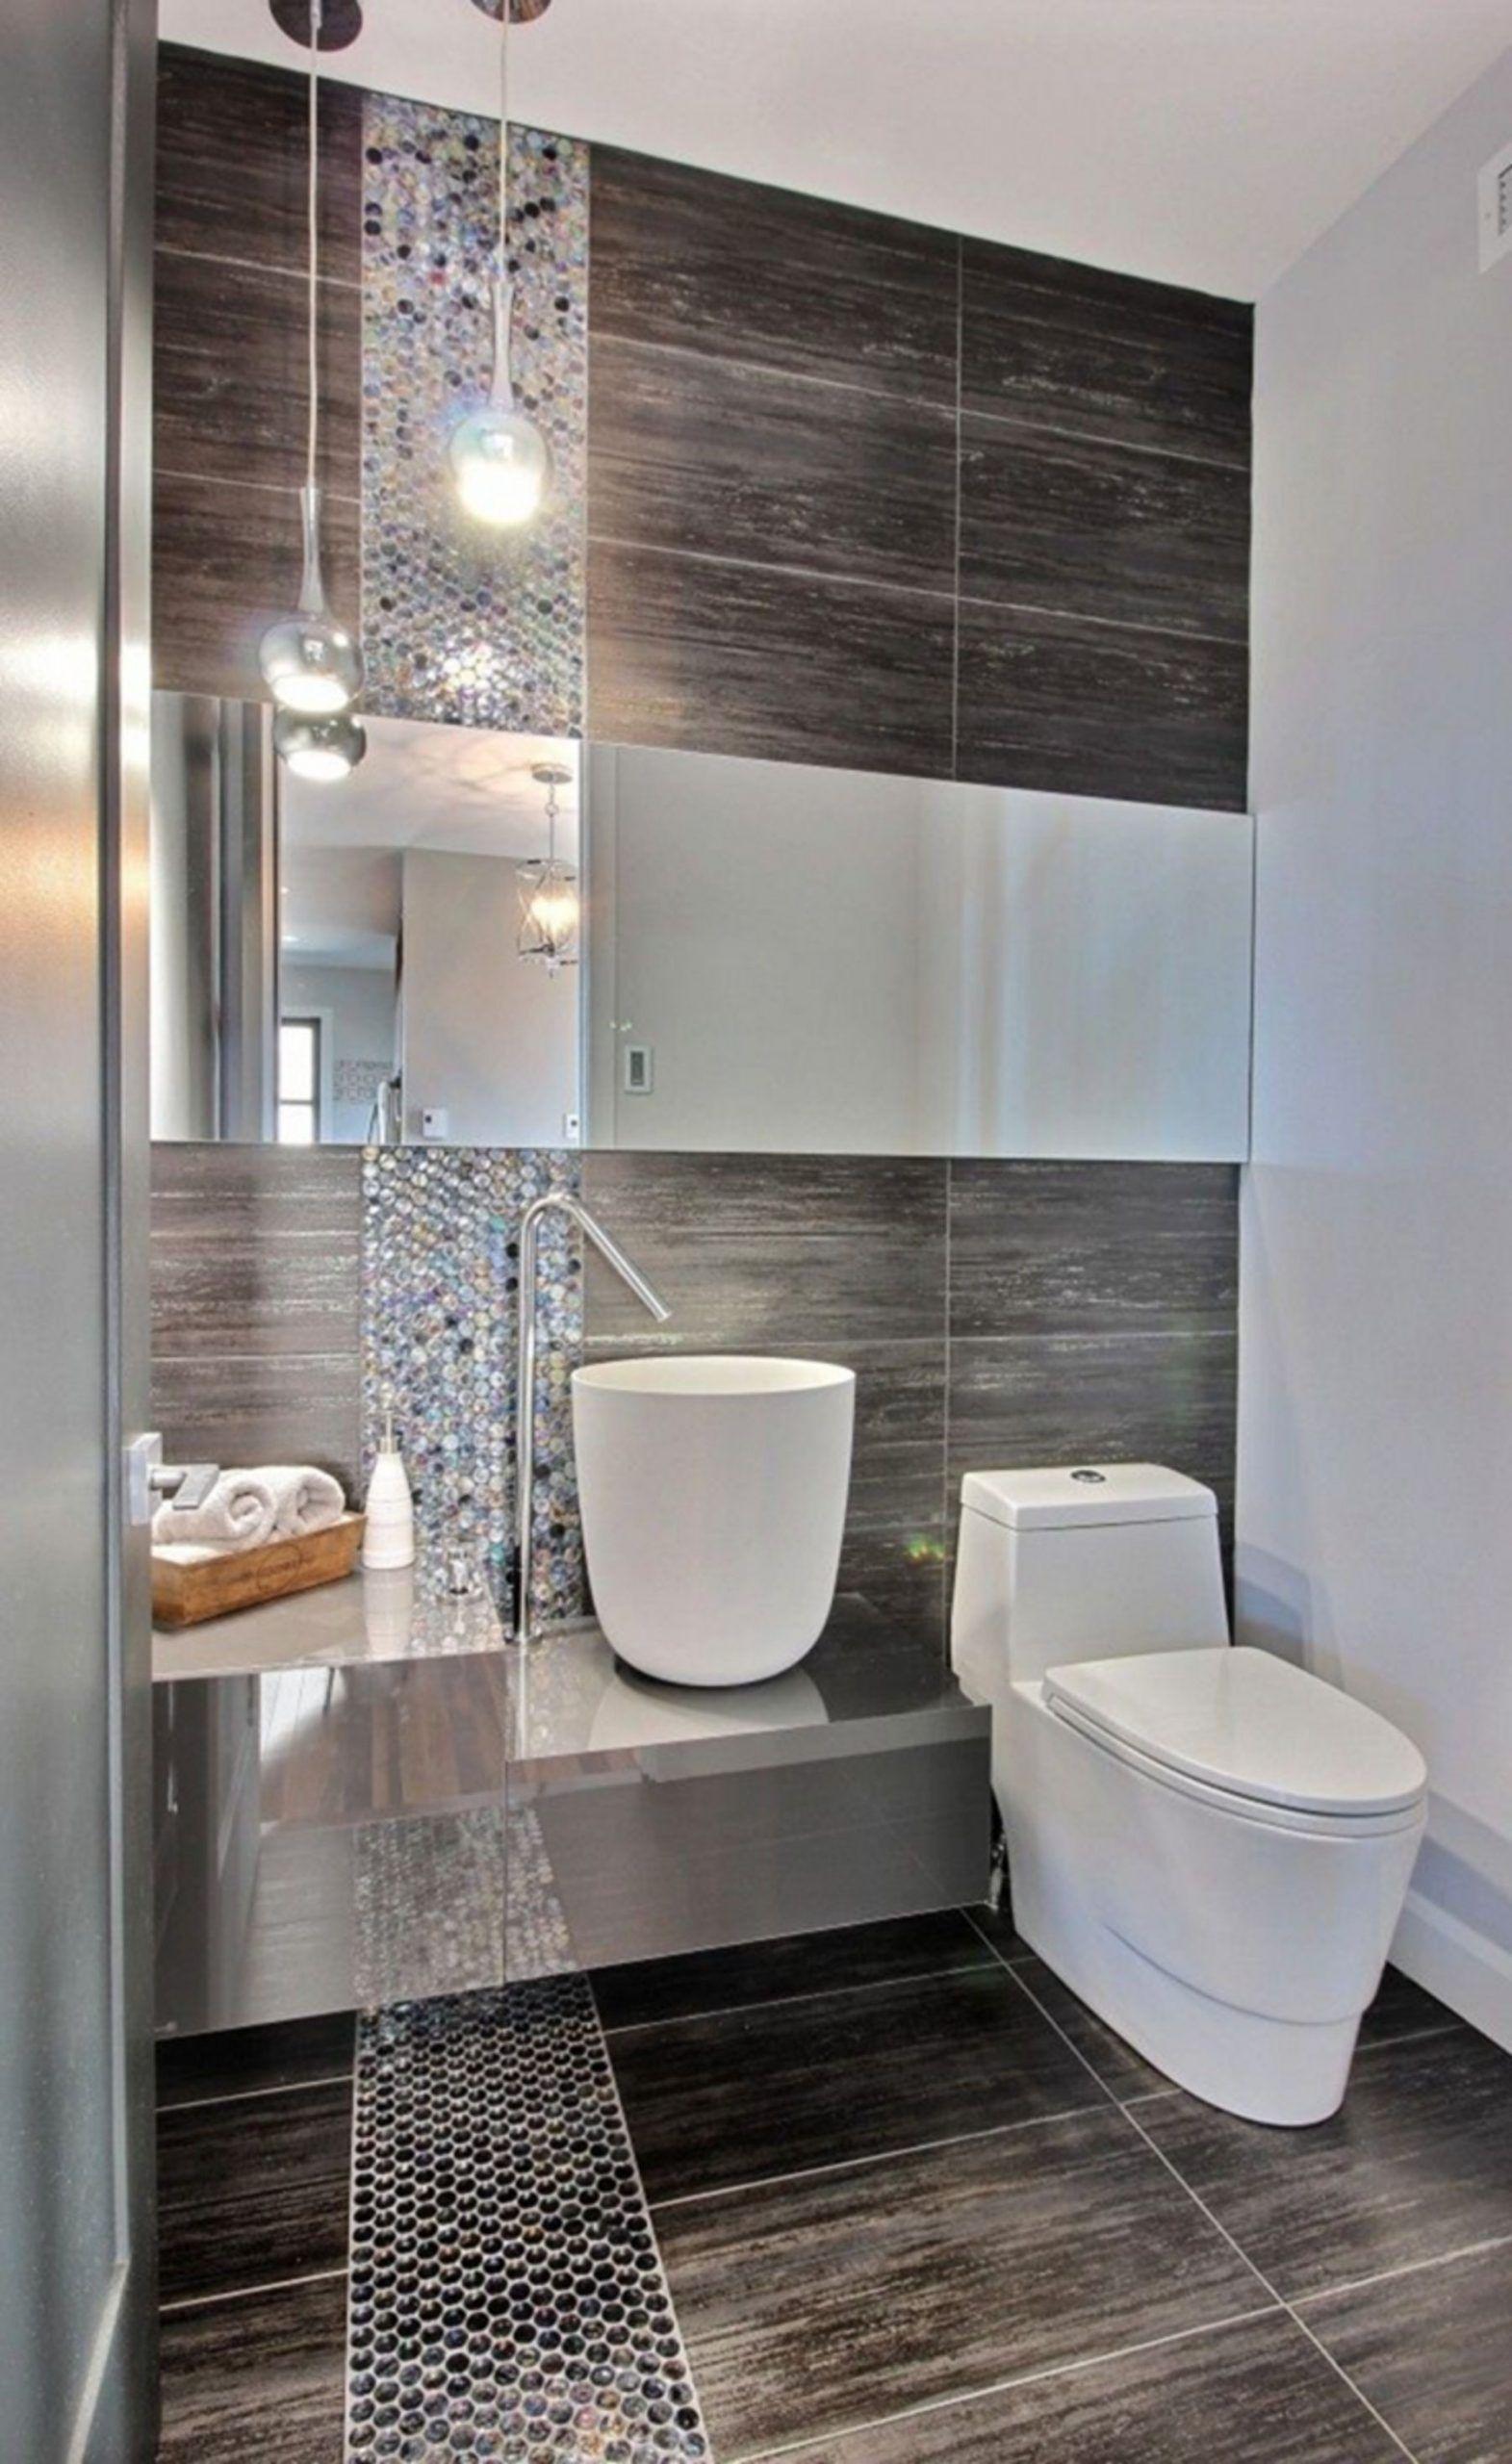 Small Modern Bathroom Design Ideas 30 Awesome Modern Small Bathroom Designs For Small Bathroom Design Small Modern Contemporary Bathroom Tiles Stylish Bathroom